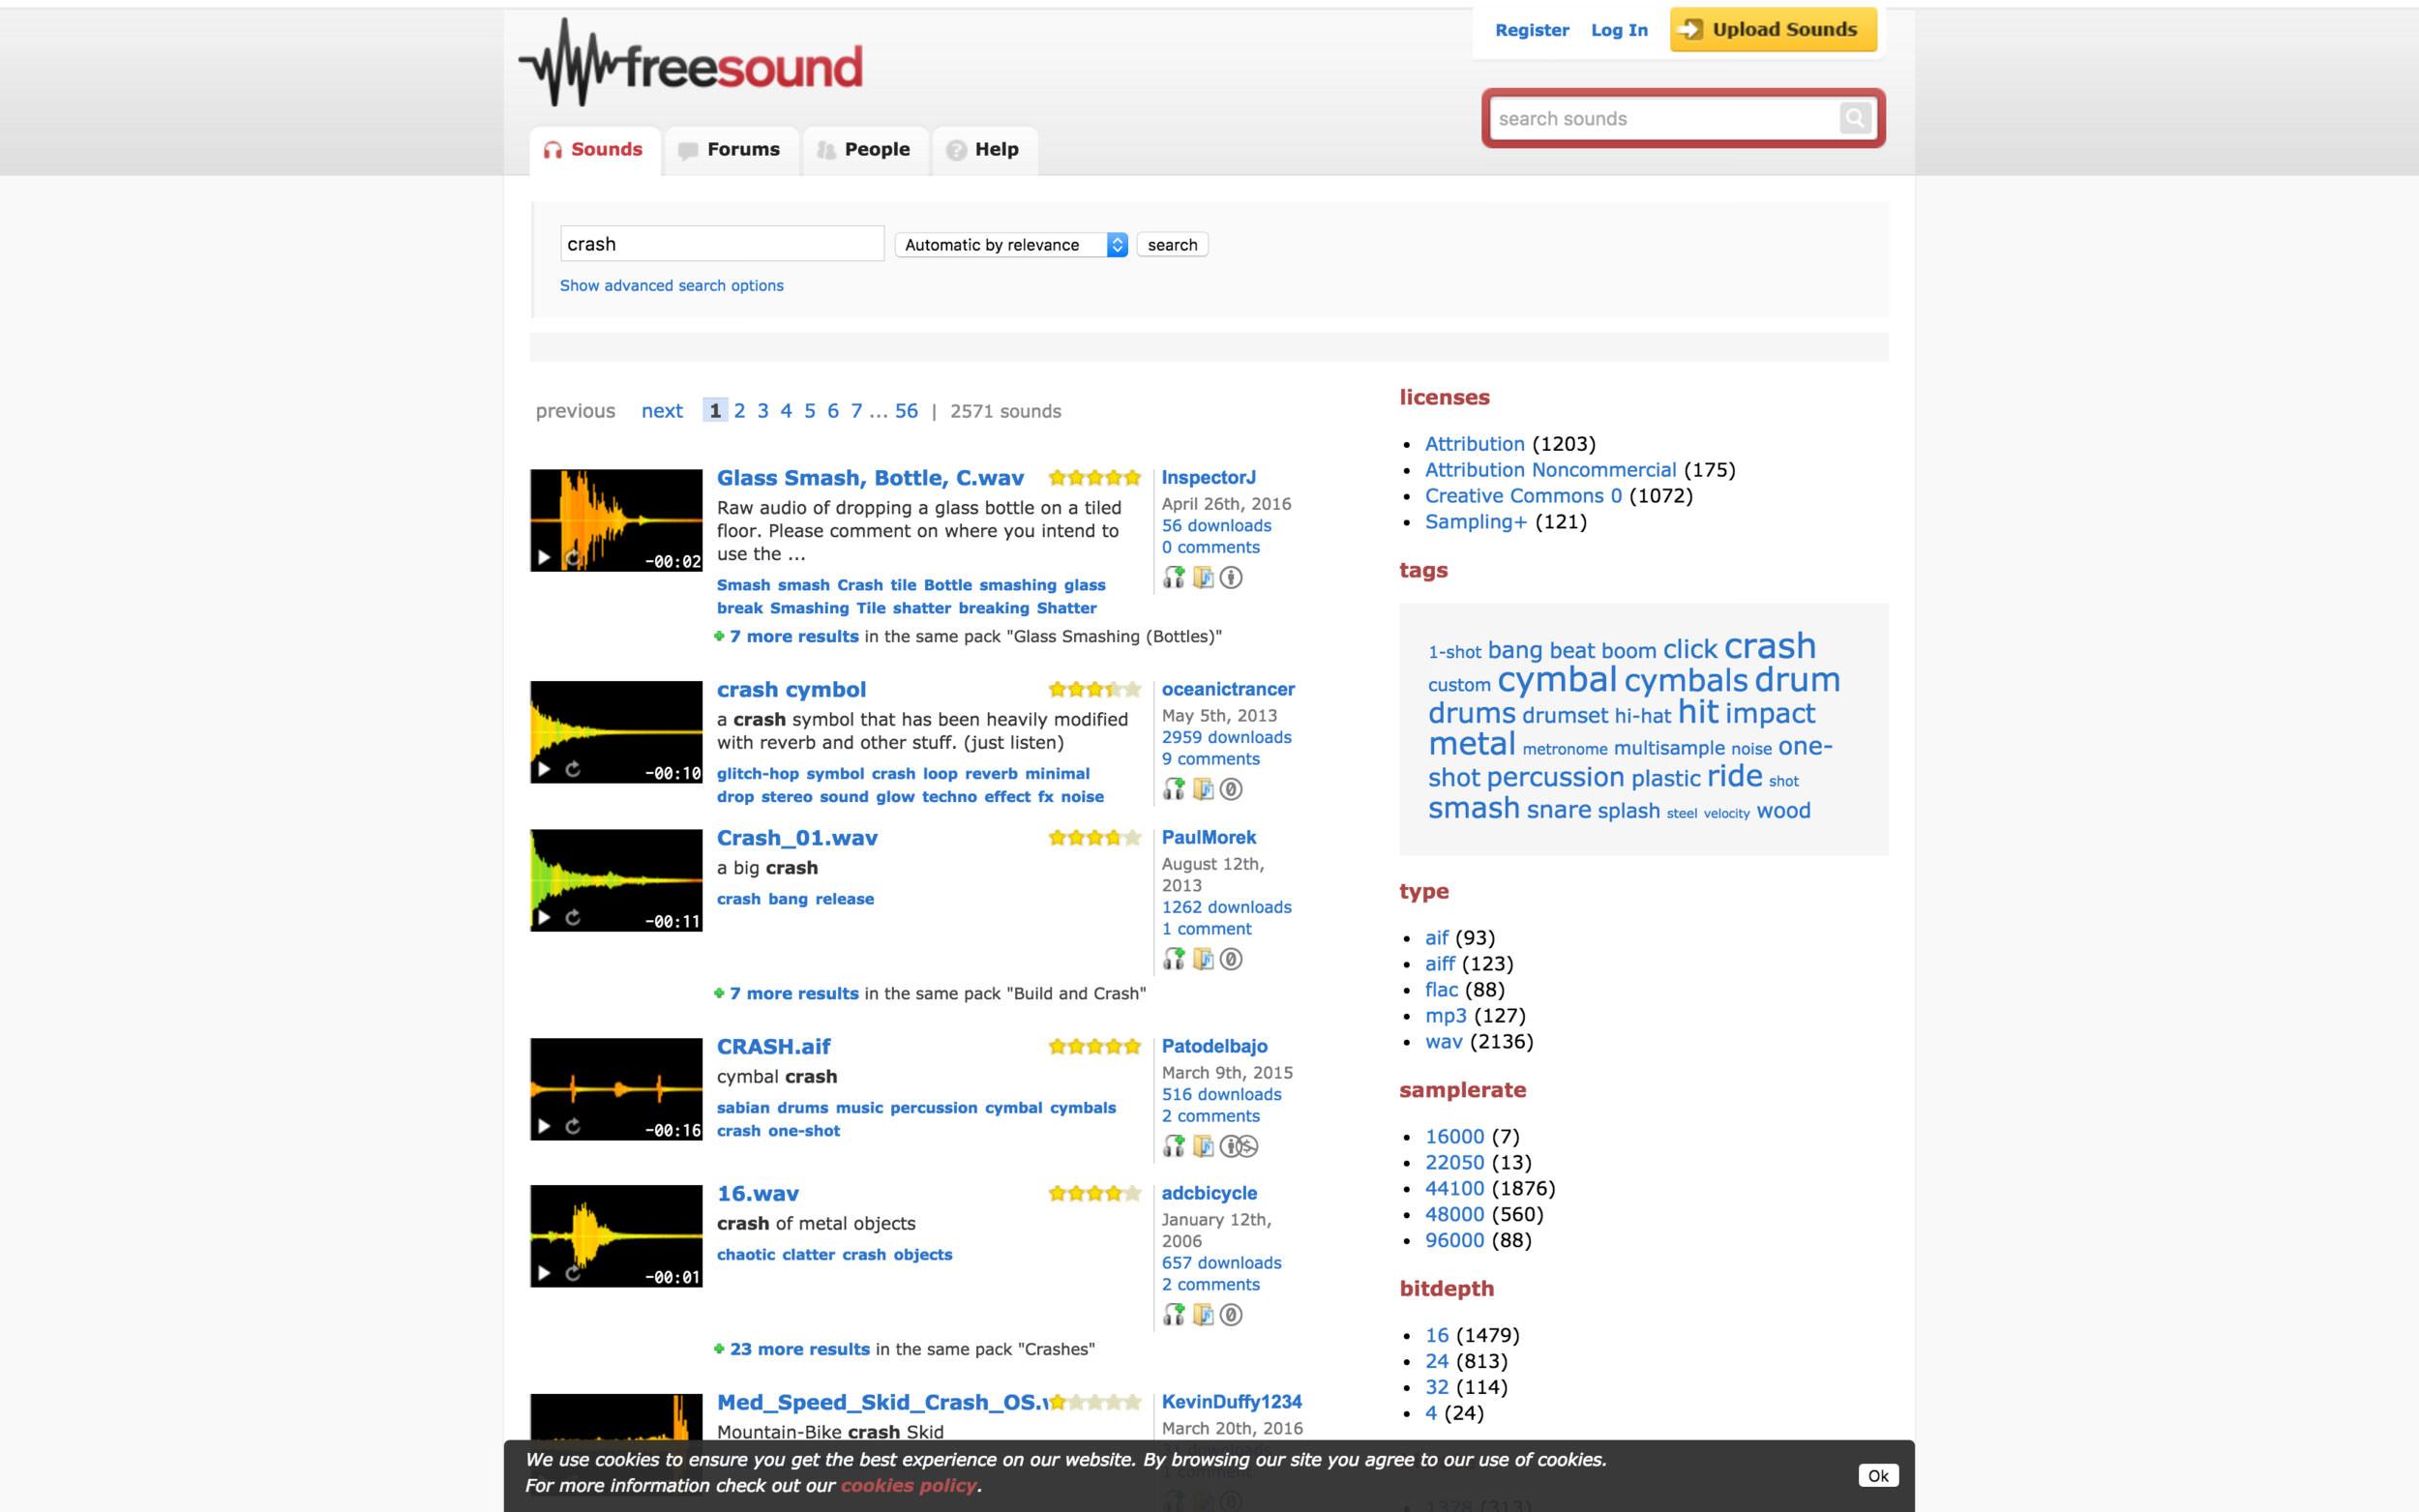 Ferramentas-para-empreendedores-Freesound2.jpg